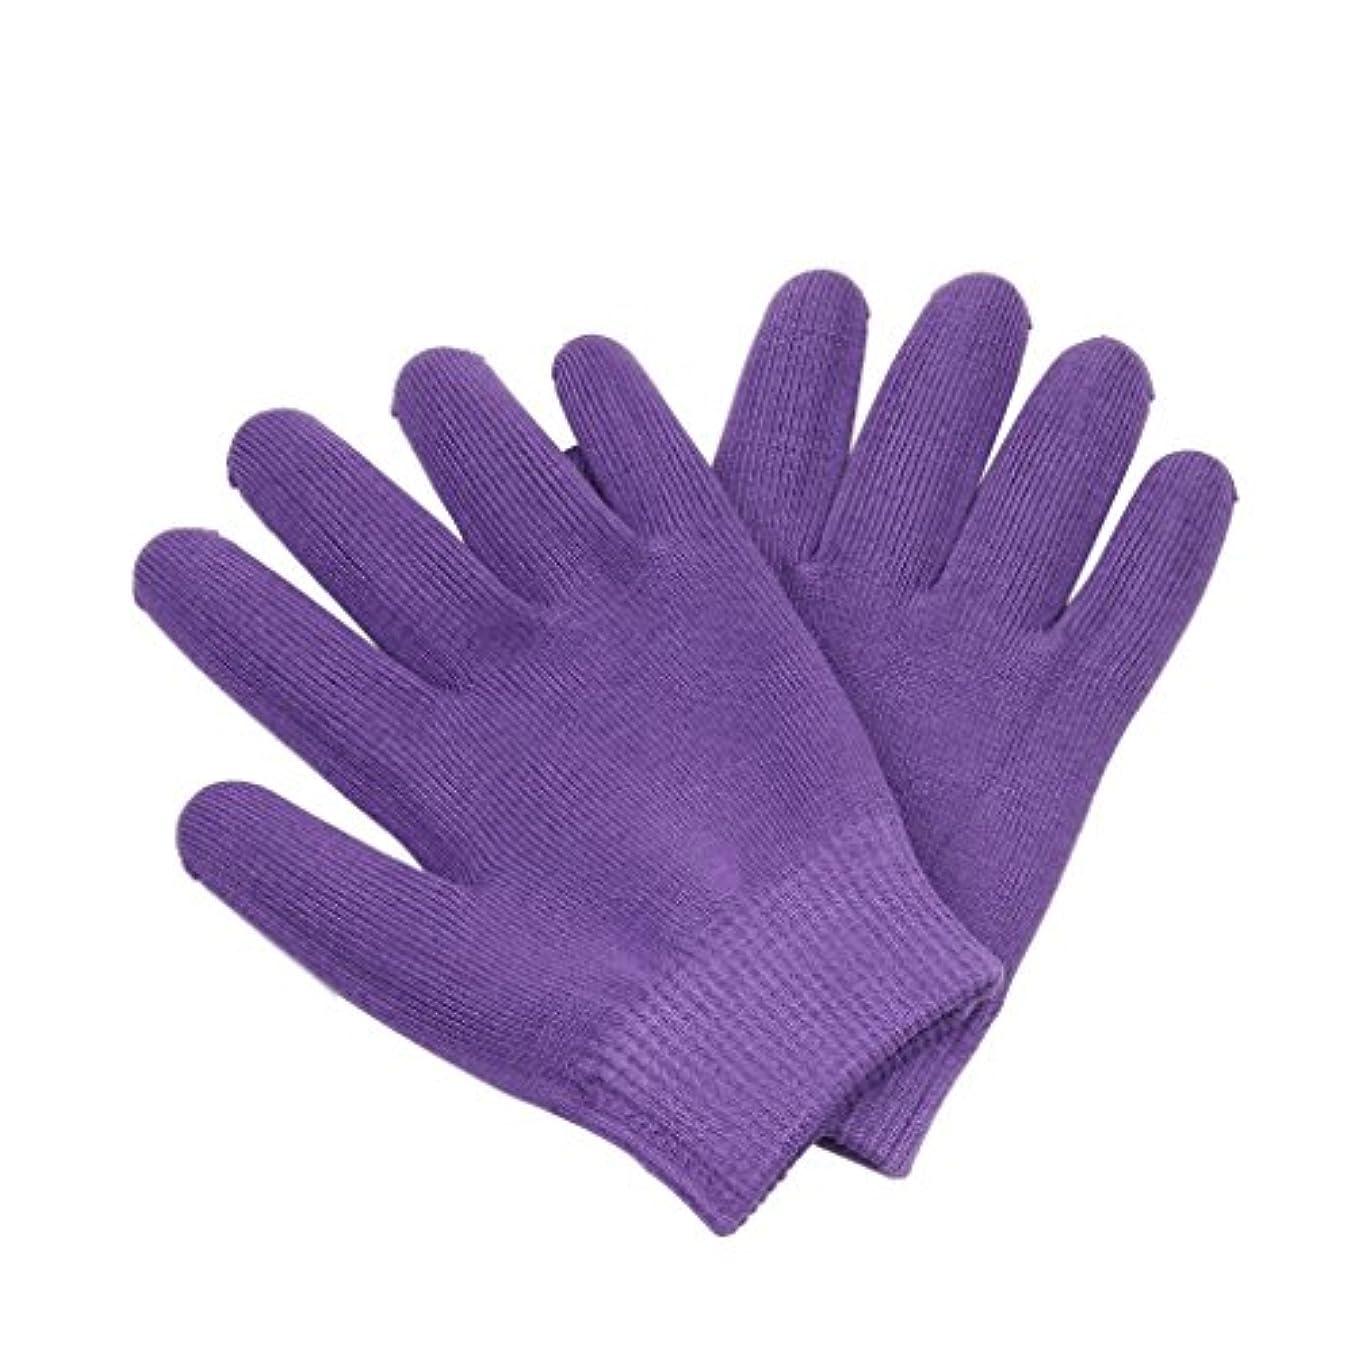 便利さ同行さておき保湿手袋 おやすみ手袋 就寝用 手袋 手湿疹 肌荒れ 乾燥防止 乾燥肌 手荒れ 保湿 スキンケア 全3色選べ - 紫